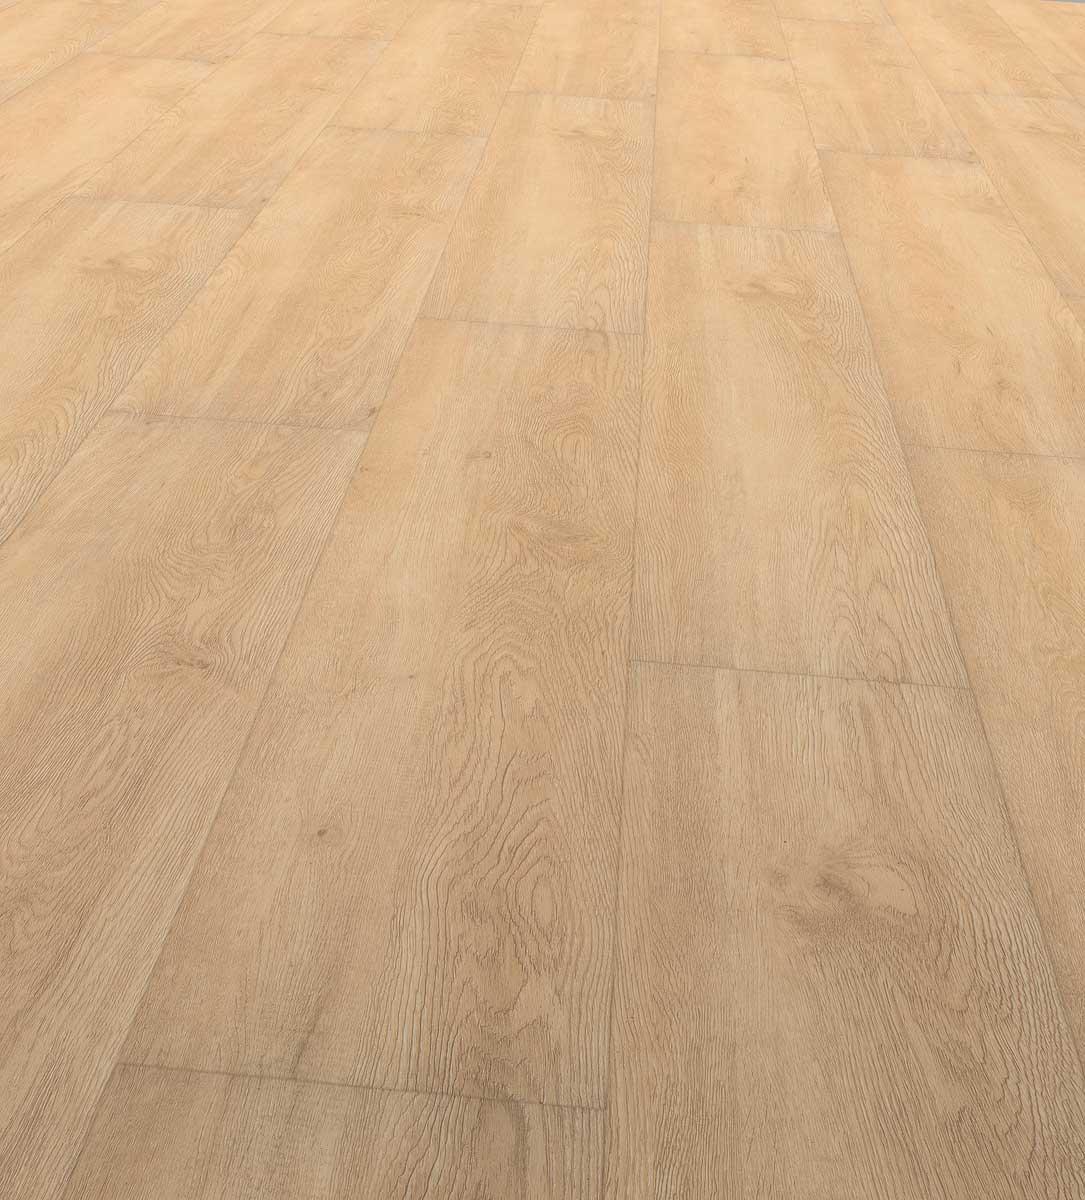 vinylplanken vinylboden fu b den der boden online shop aus sterreich. Black Bedroom Furniture Sets. Home Design Ideas